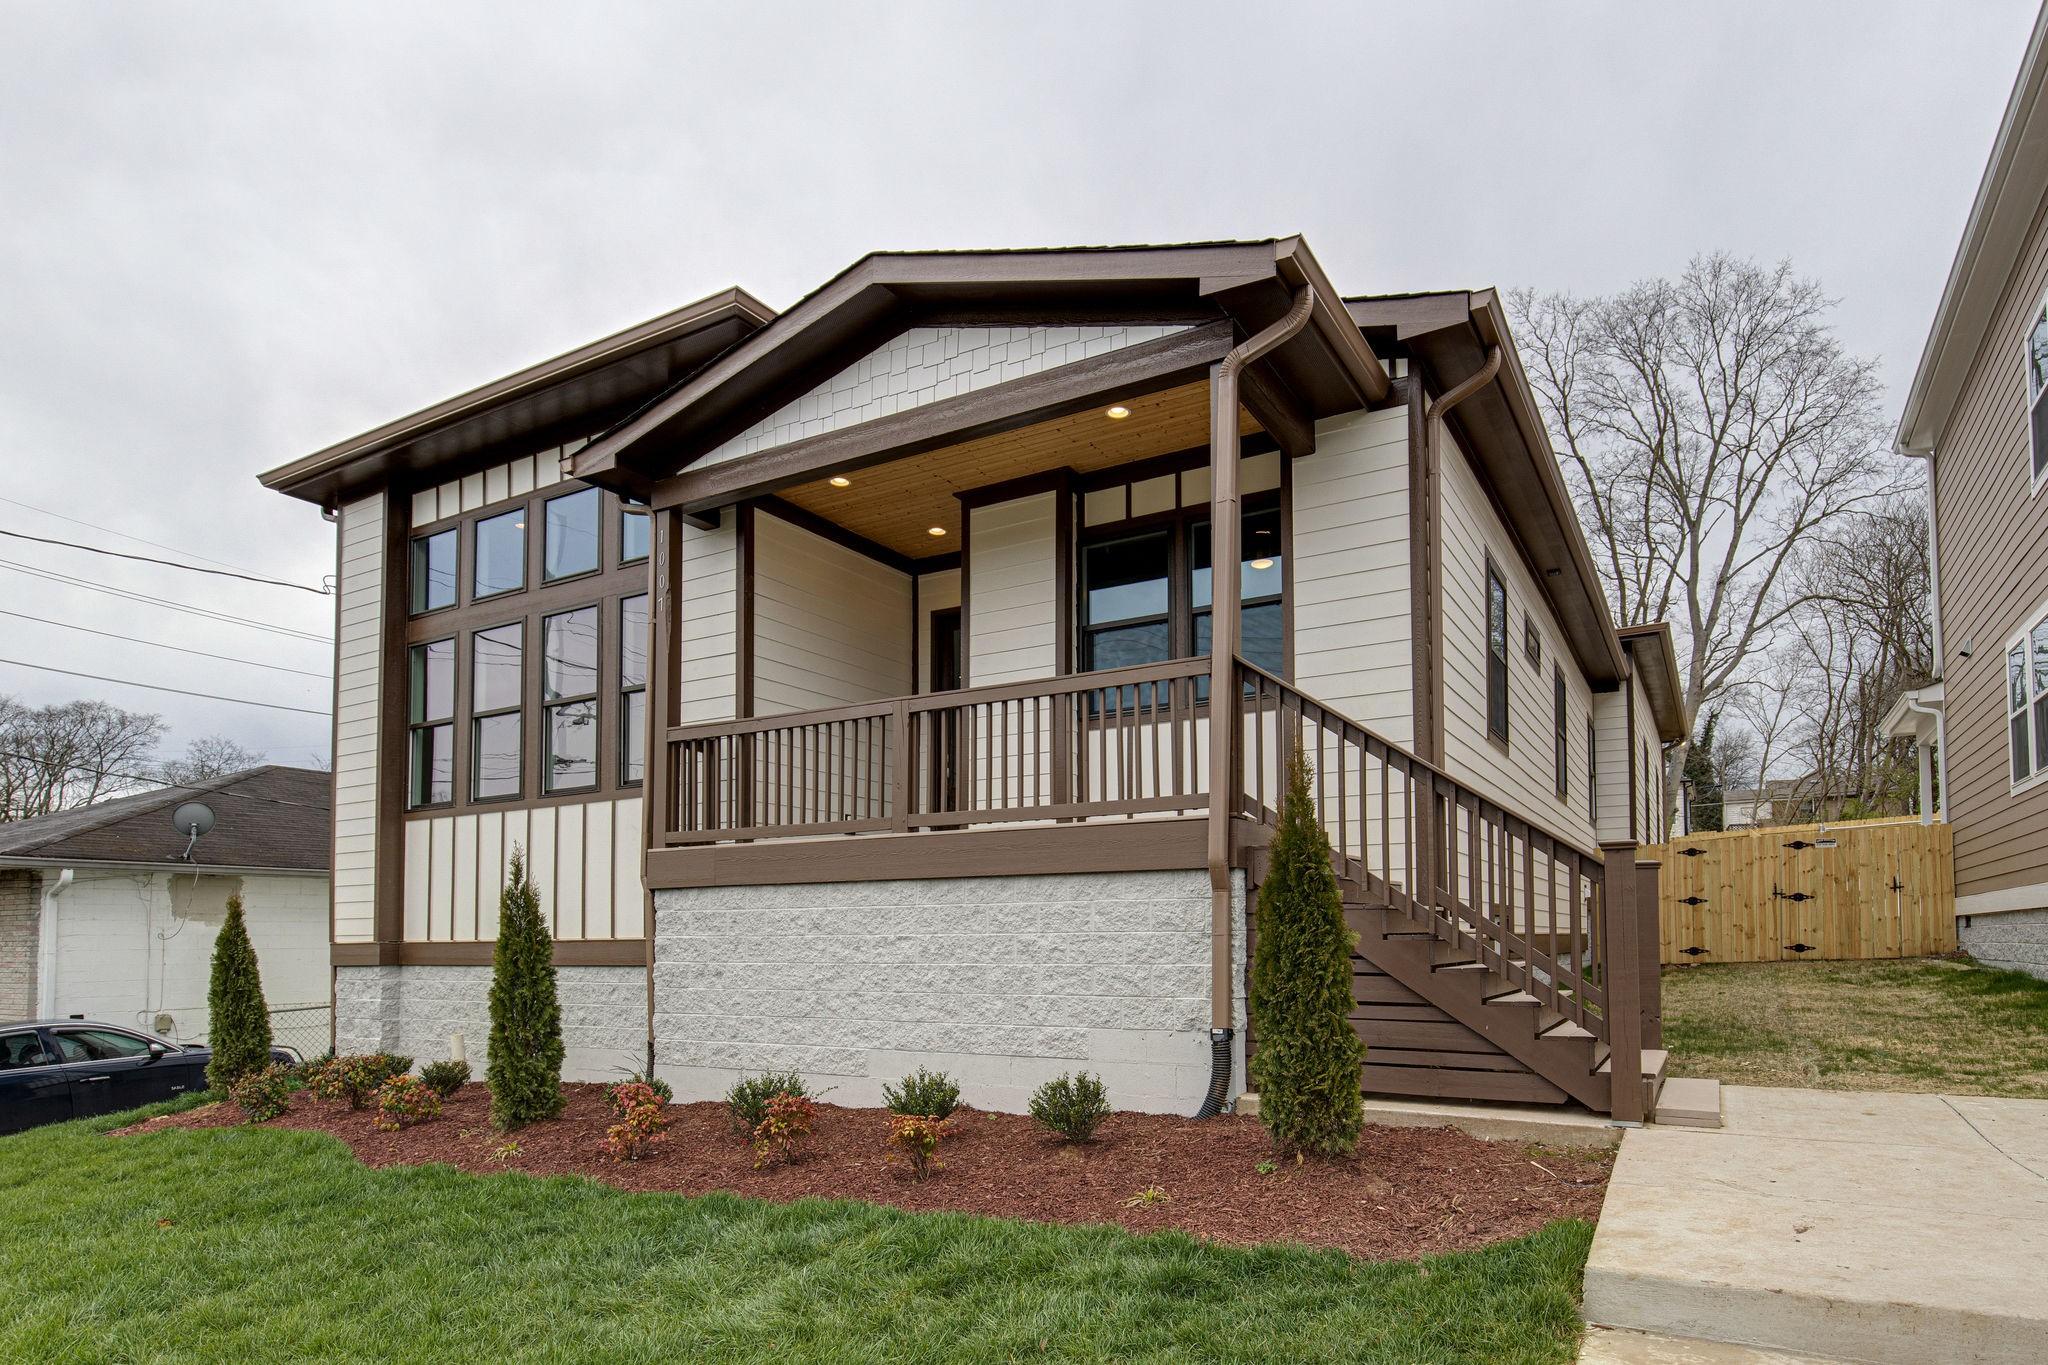 1007 42nd Ave, N, Nashville, TN 37209 - Nashville, TN real estate listing